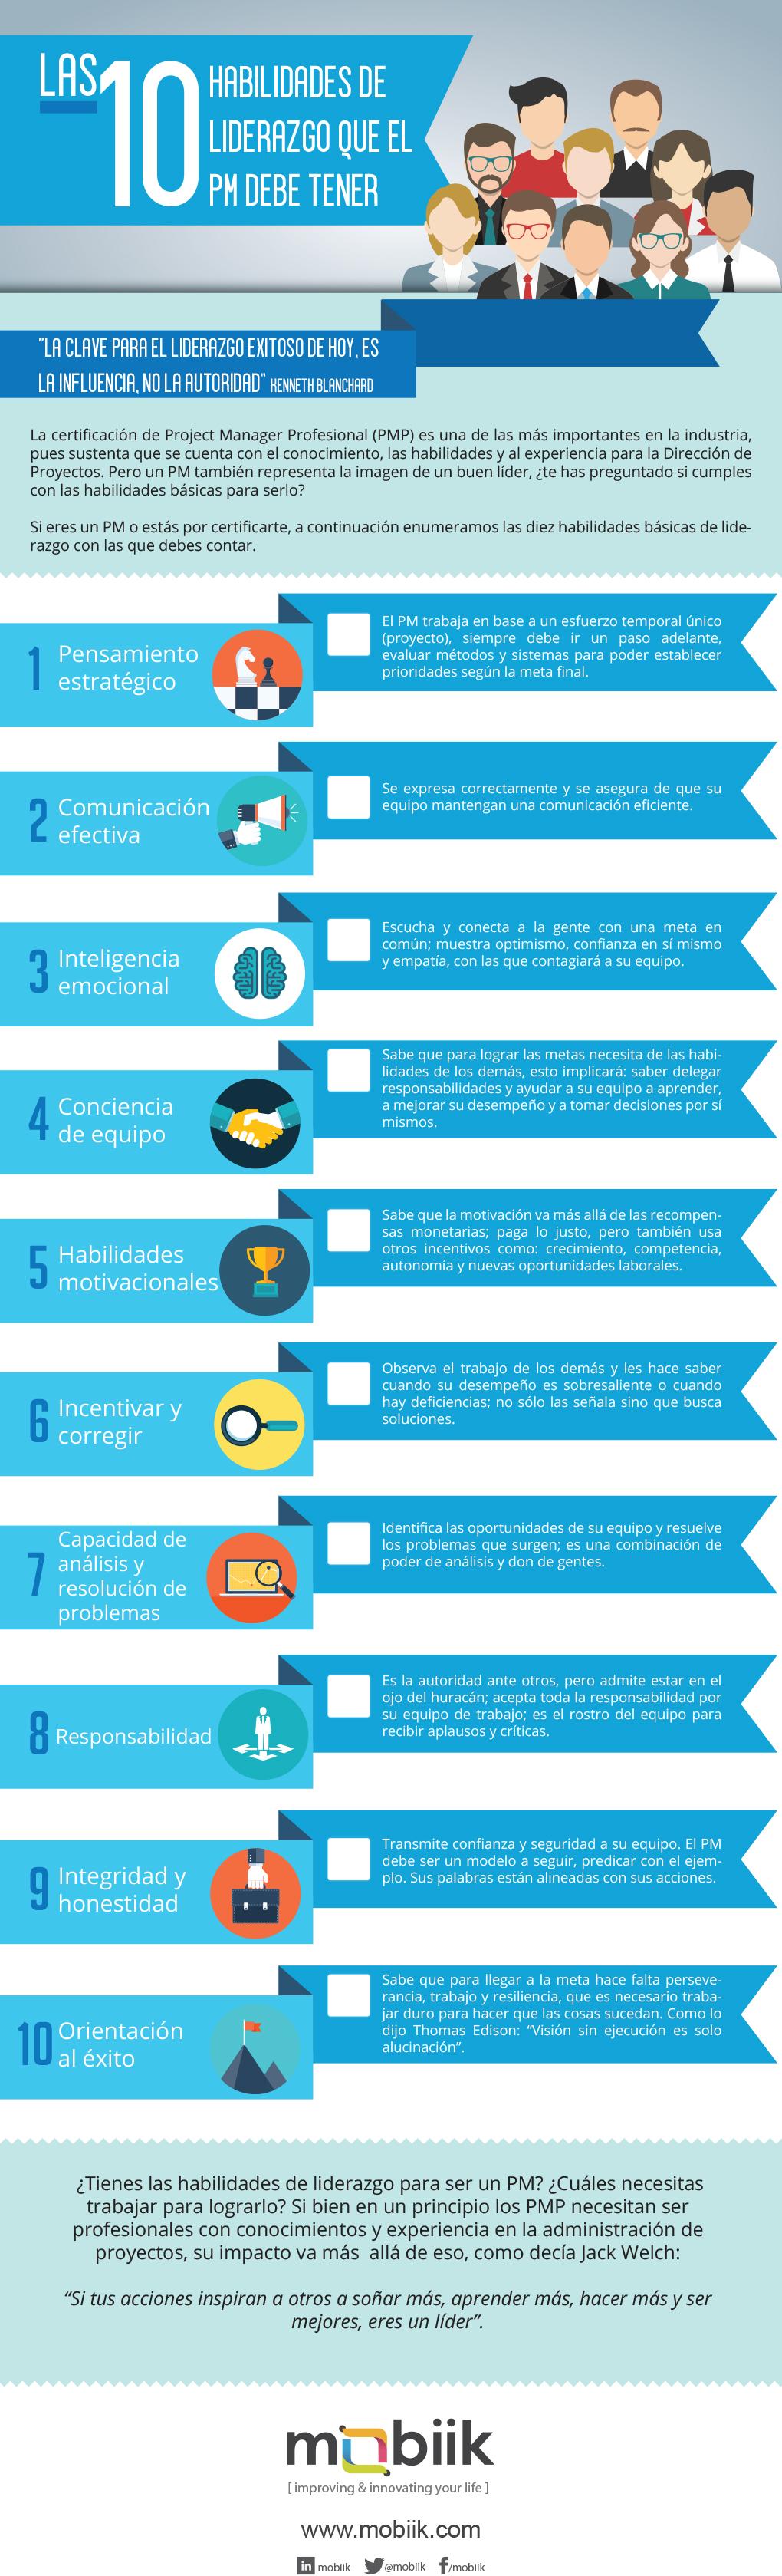 10 habilidades de liderazgo que un Project Manager debe tener #infografia #leadership - TICs y Formación